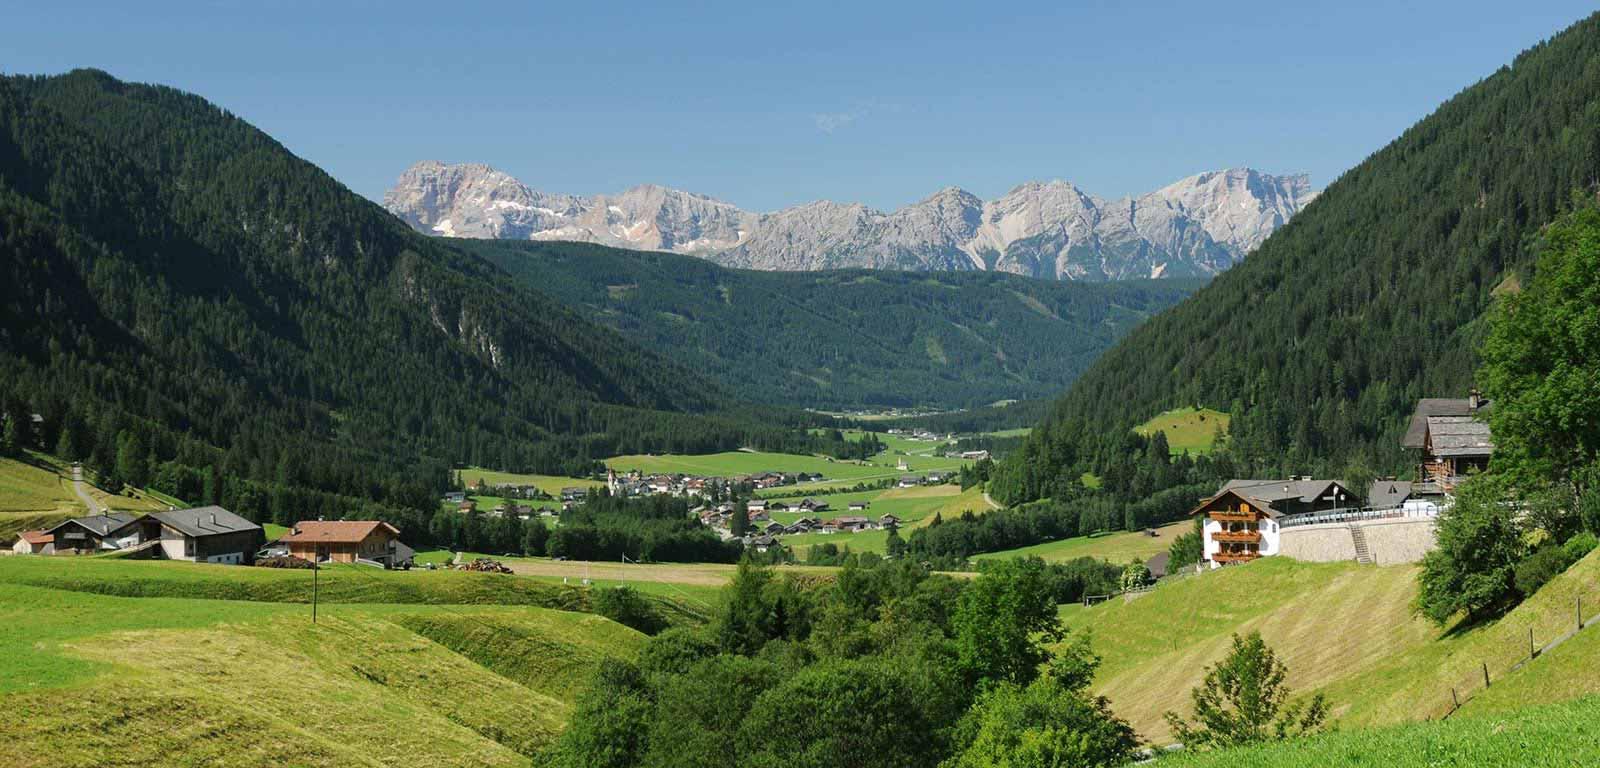 Gsieser Tal In Sudtirol Dolomiten Tipps Fur Ihren Urlaub